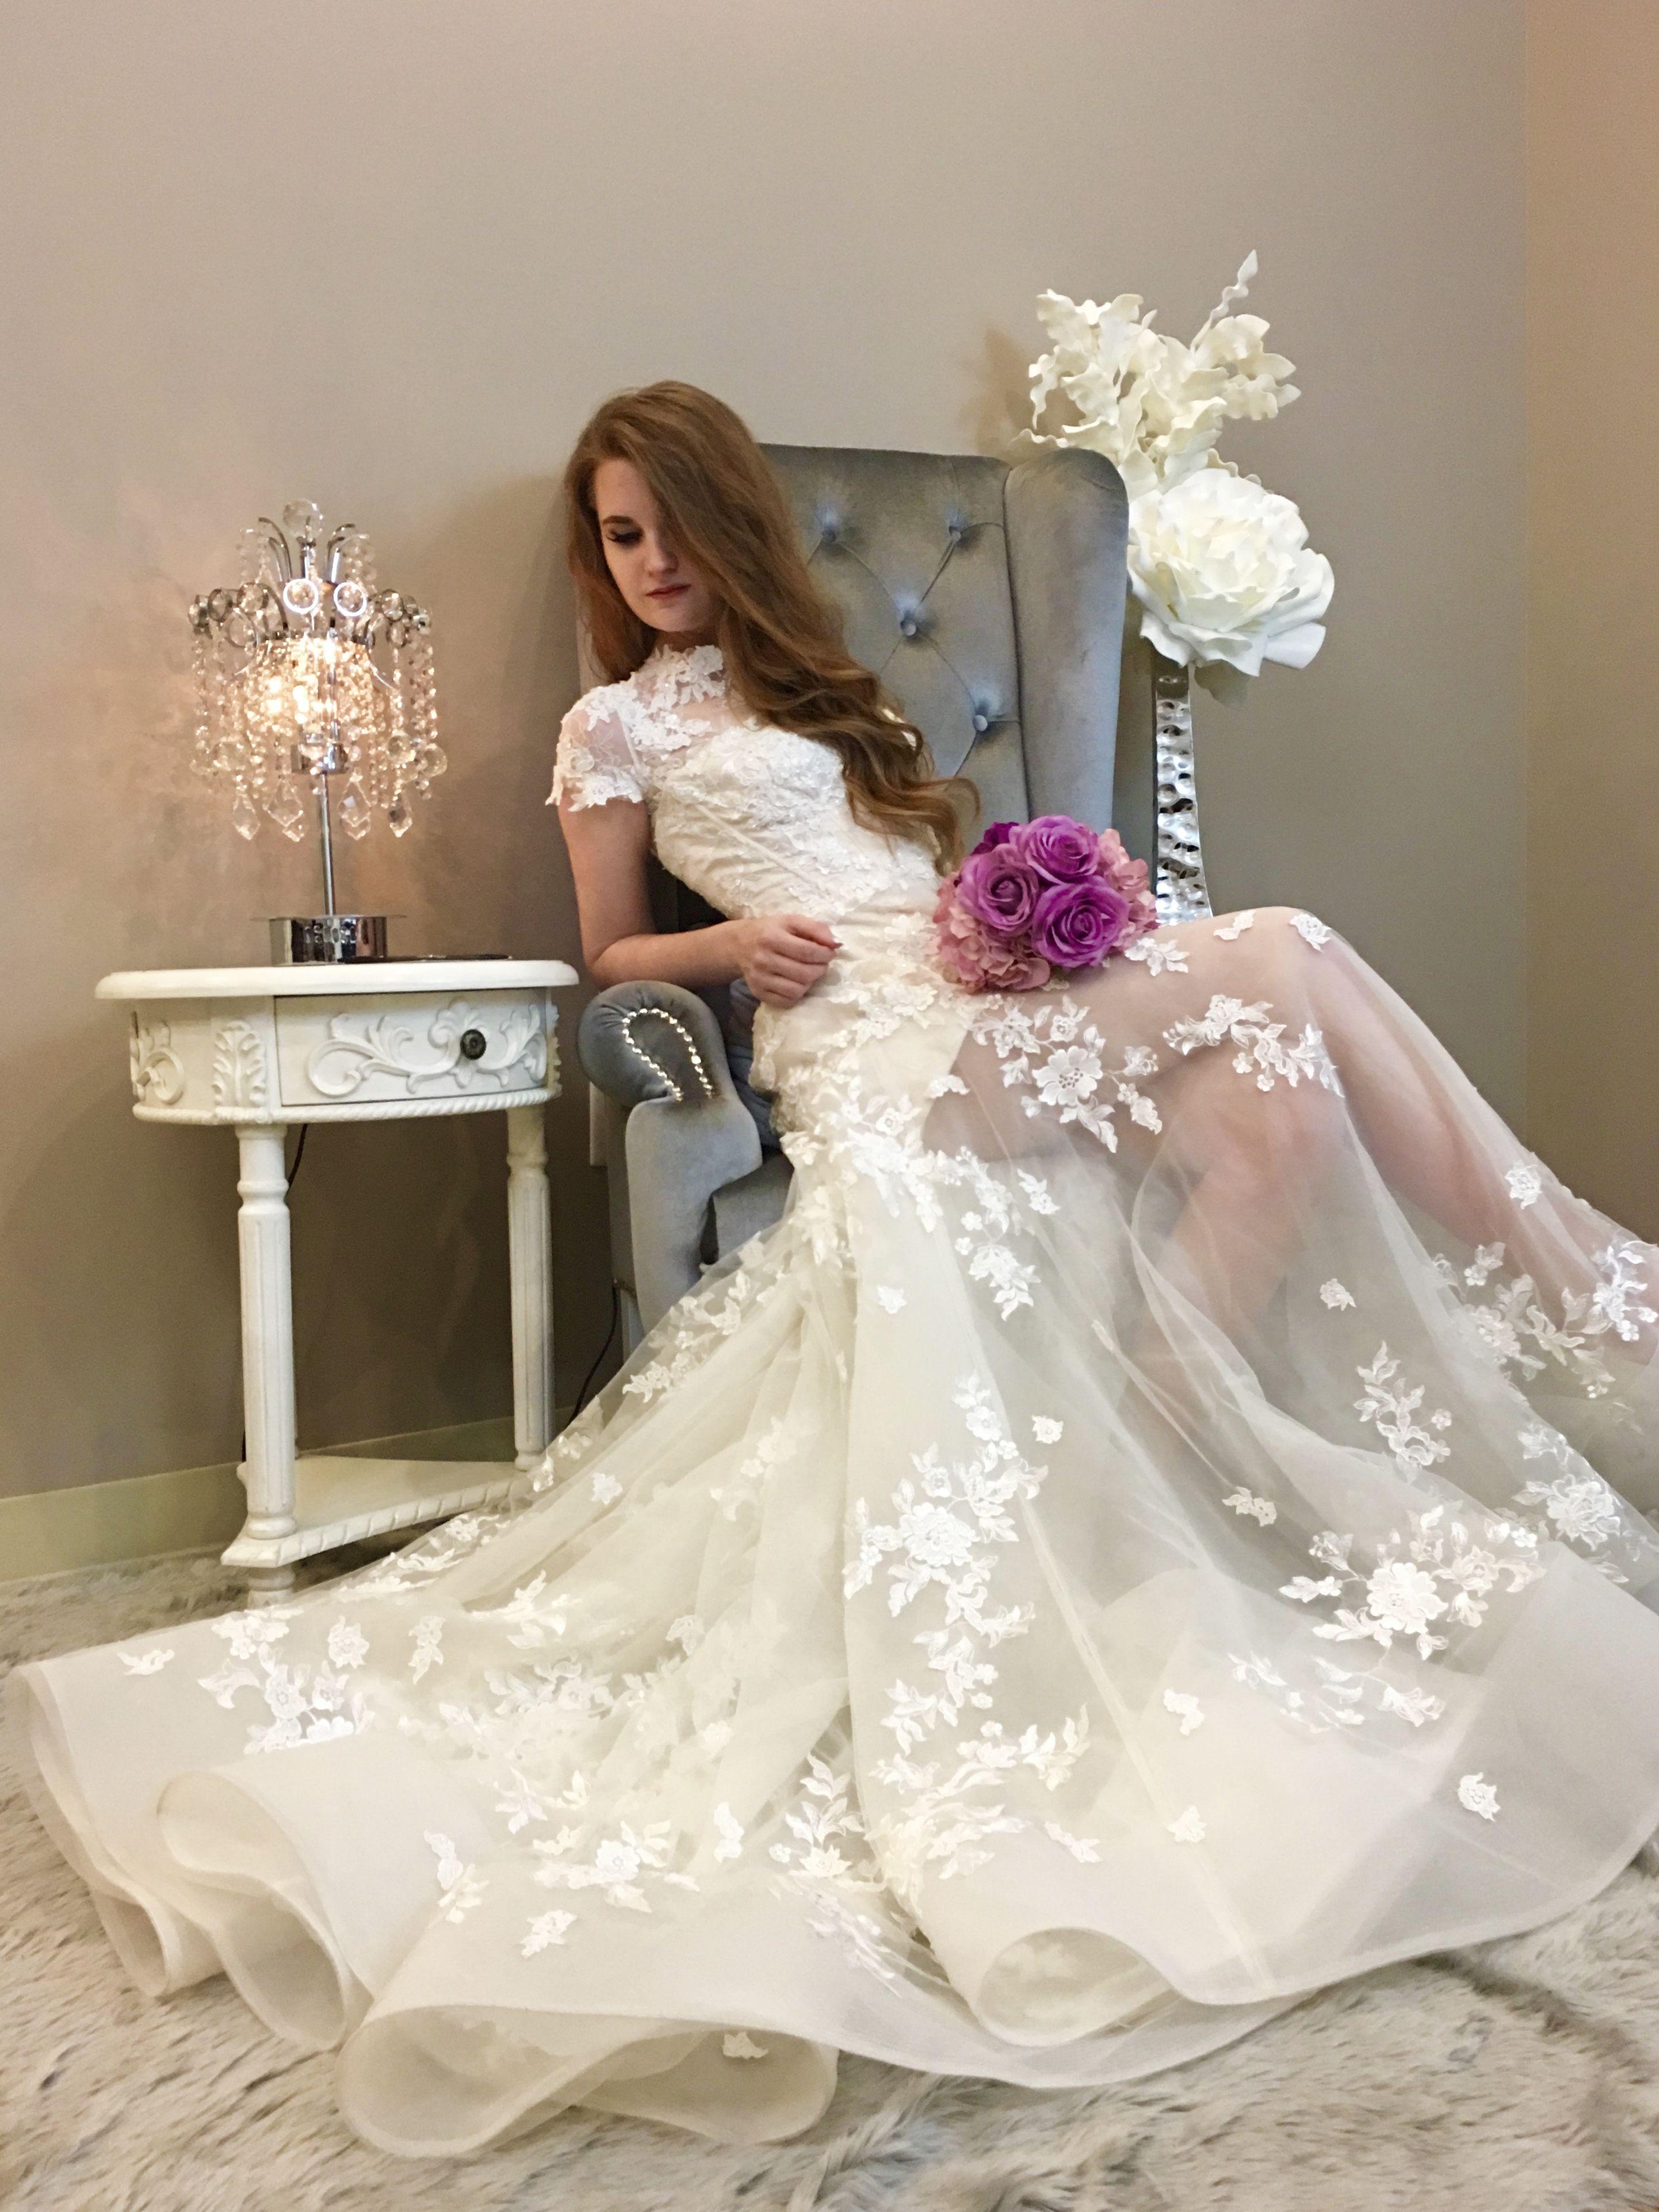 Unique Designer Wedding Dresses Custom Bridal Dresses And Gowns Custom Bridal Dress Wedding Dresses Bridal Dresses [ 3846 x 2884 Pixel ]